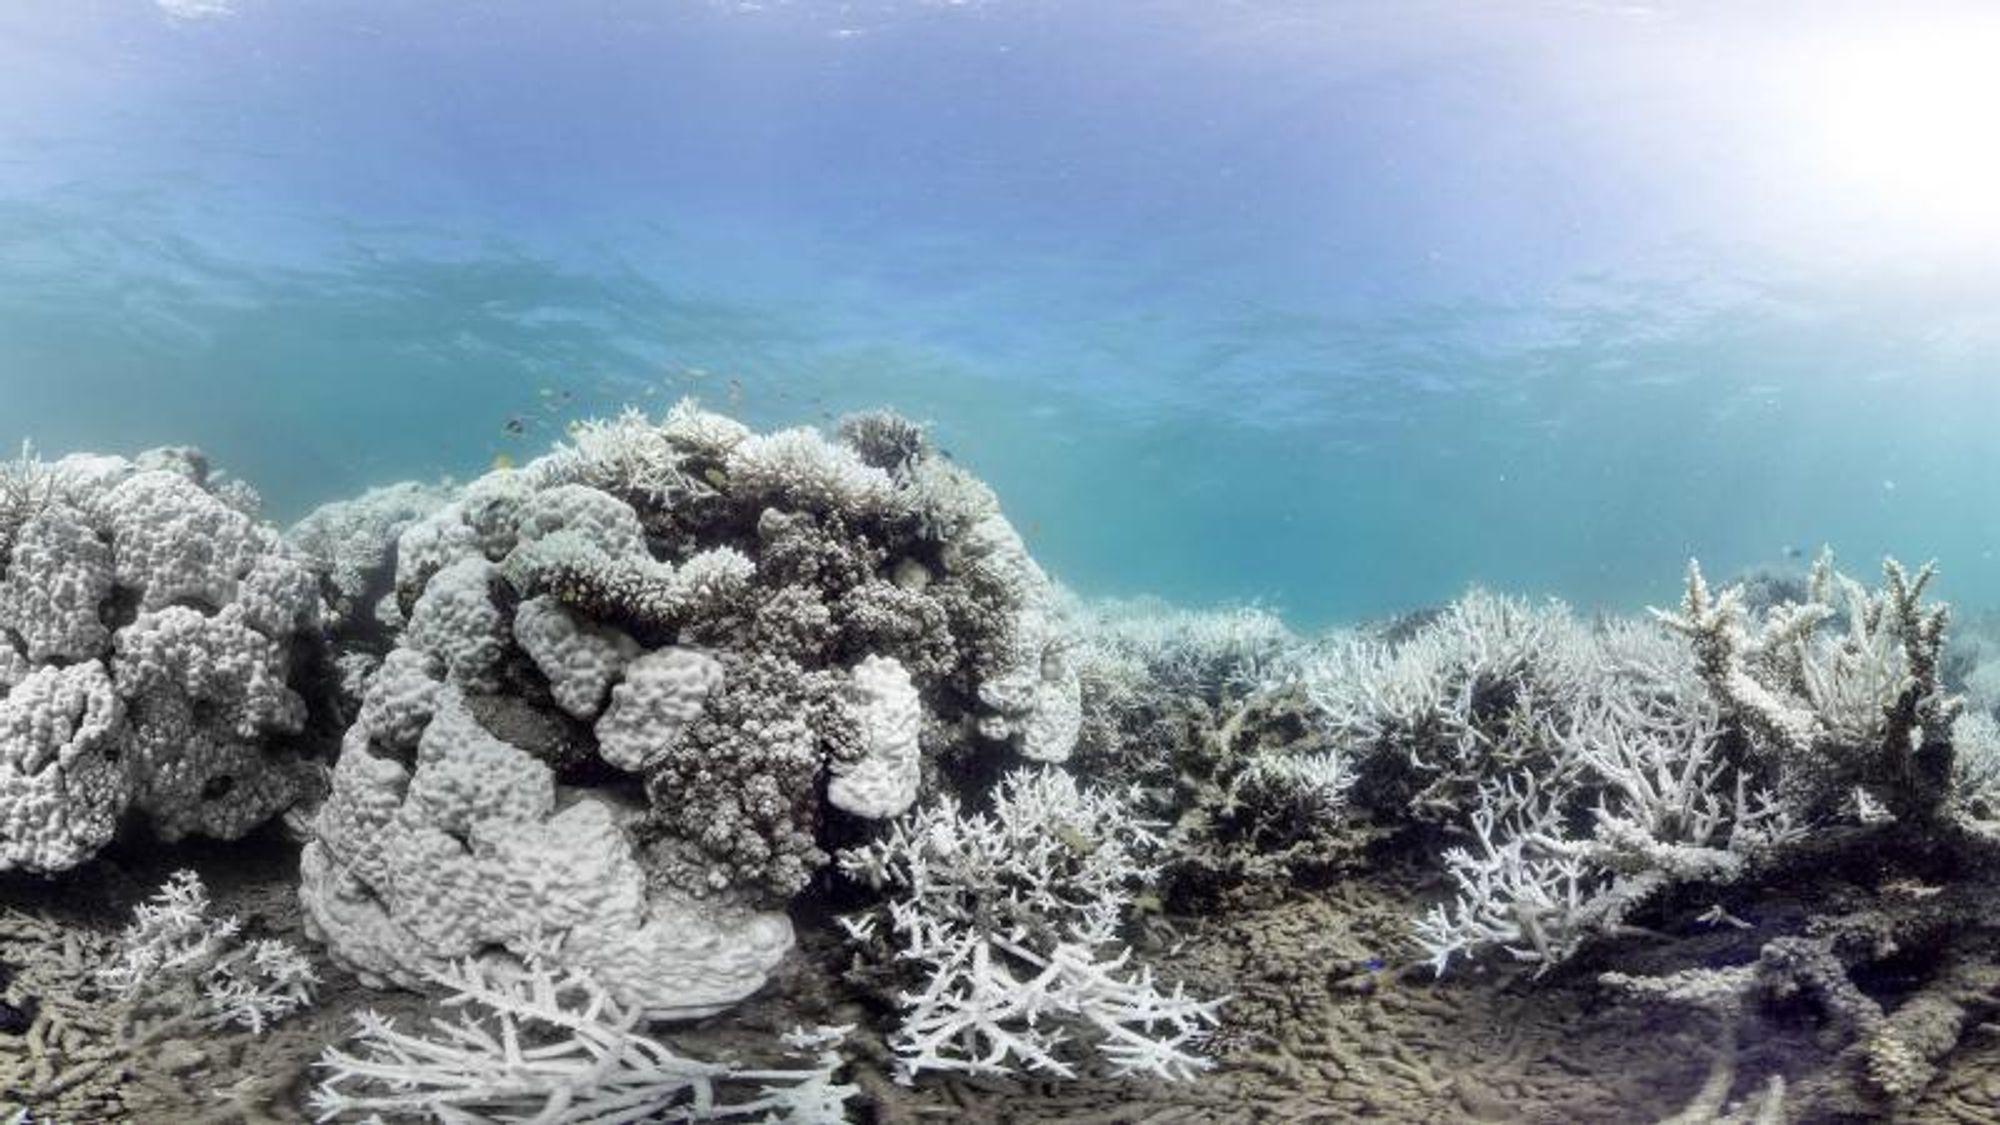 Korallrevet ved Ny-Caledonia utenfor Australias vestkyst har mistet fargene sine, men nå forsøker man med forskjellige metoder å gi de bleke korallene fargene tilbake.